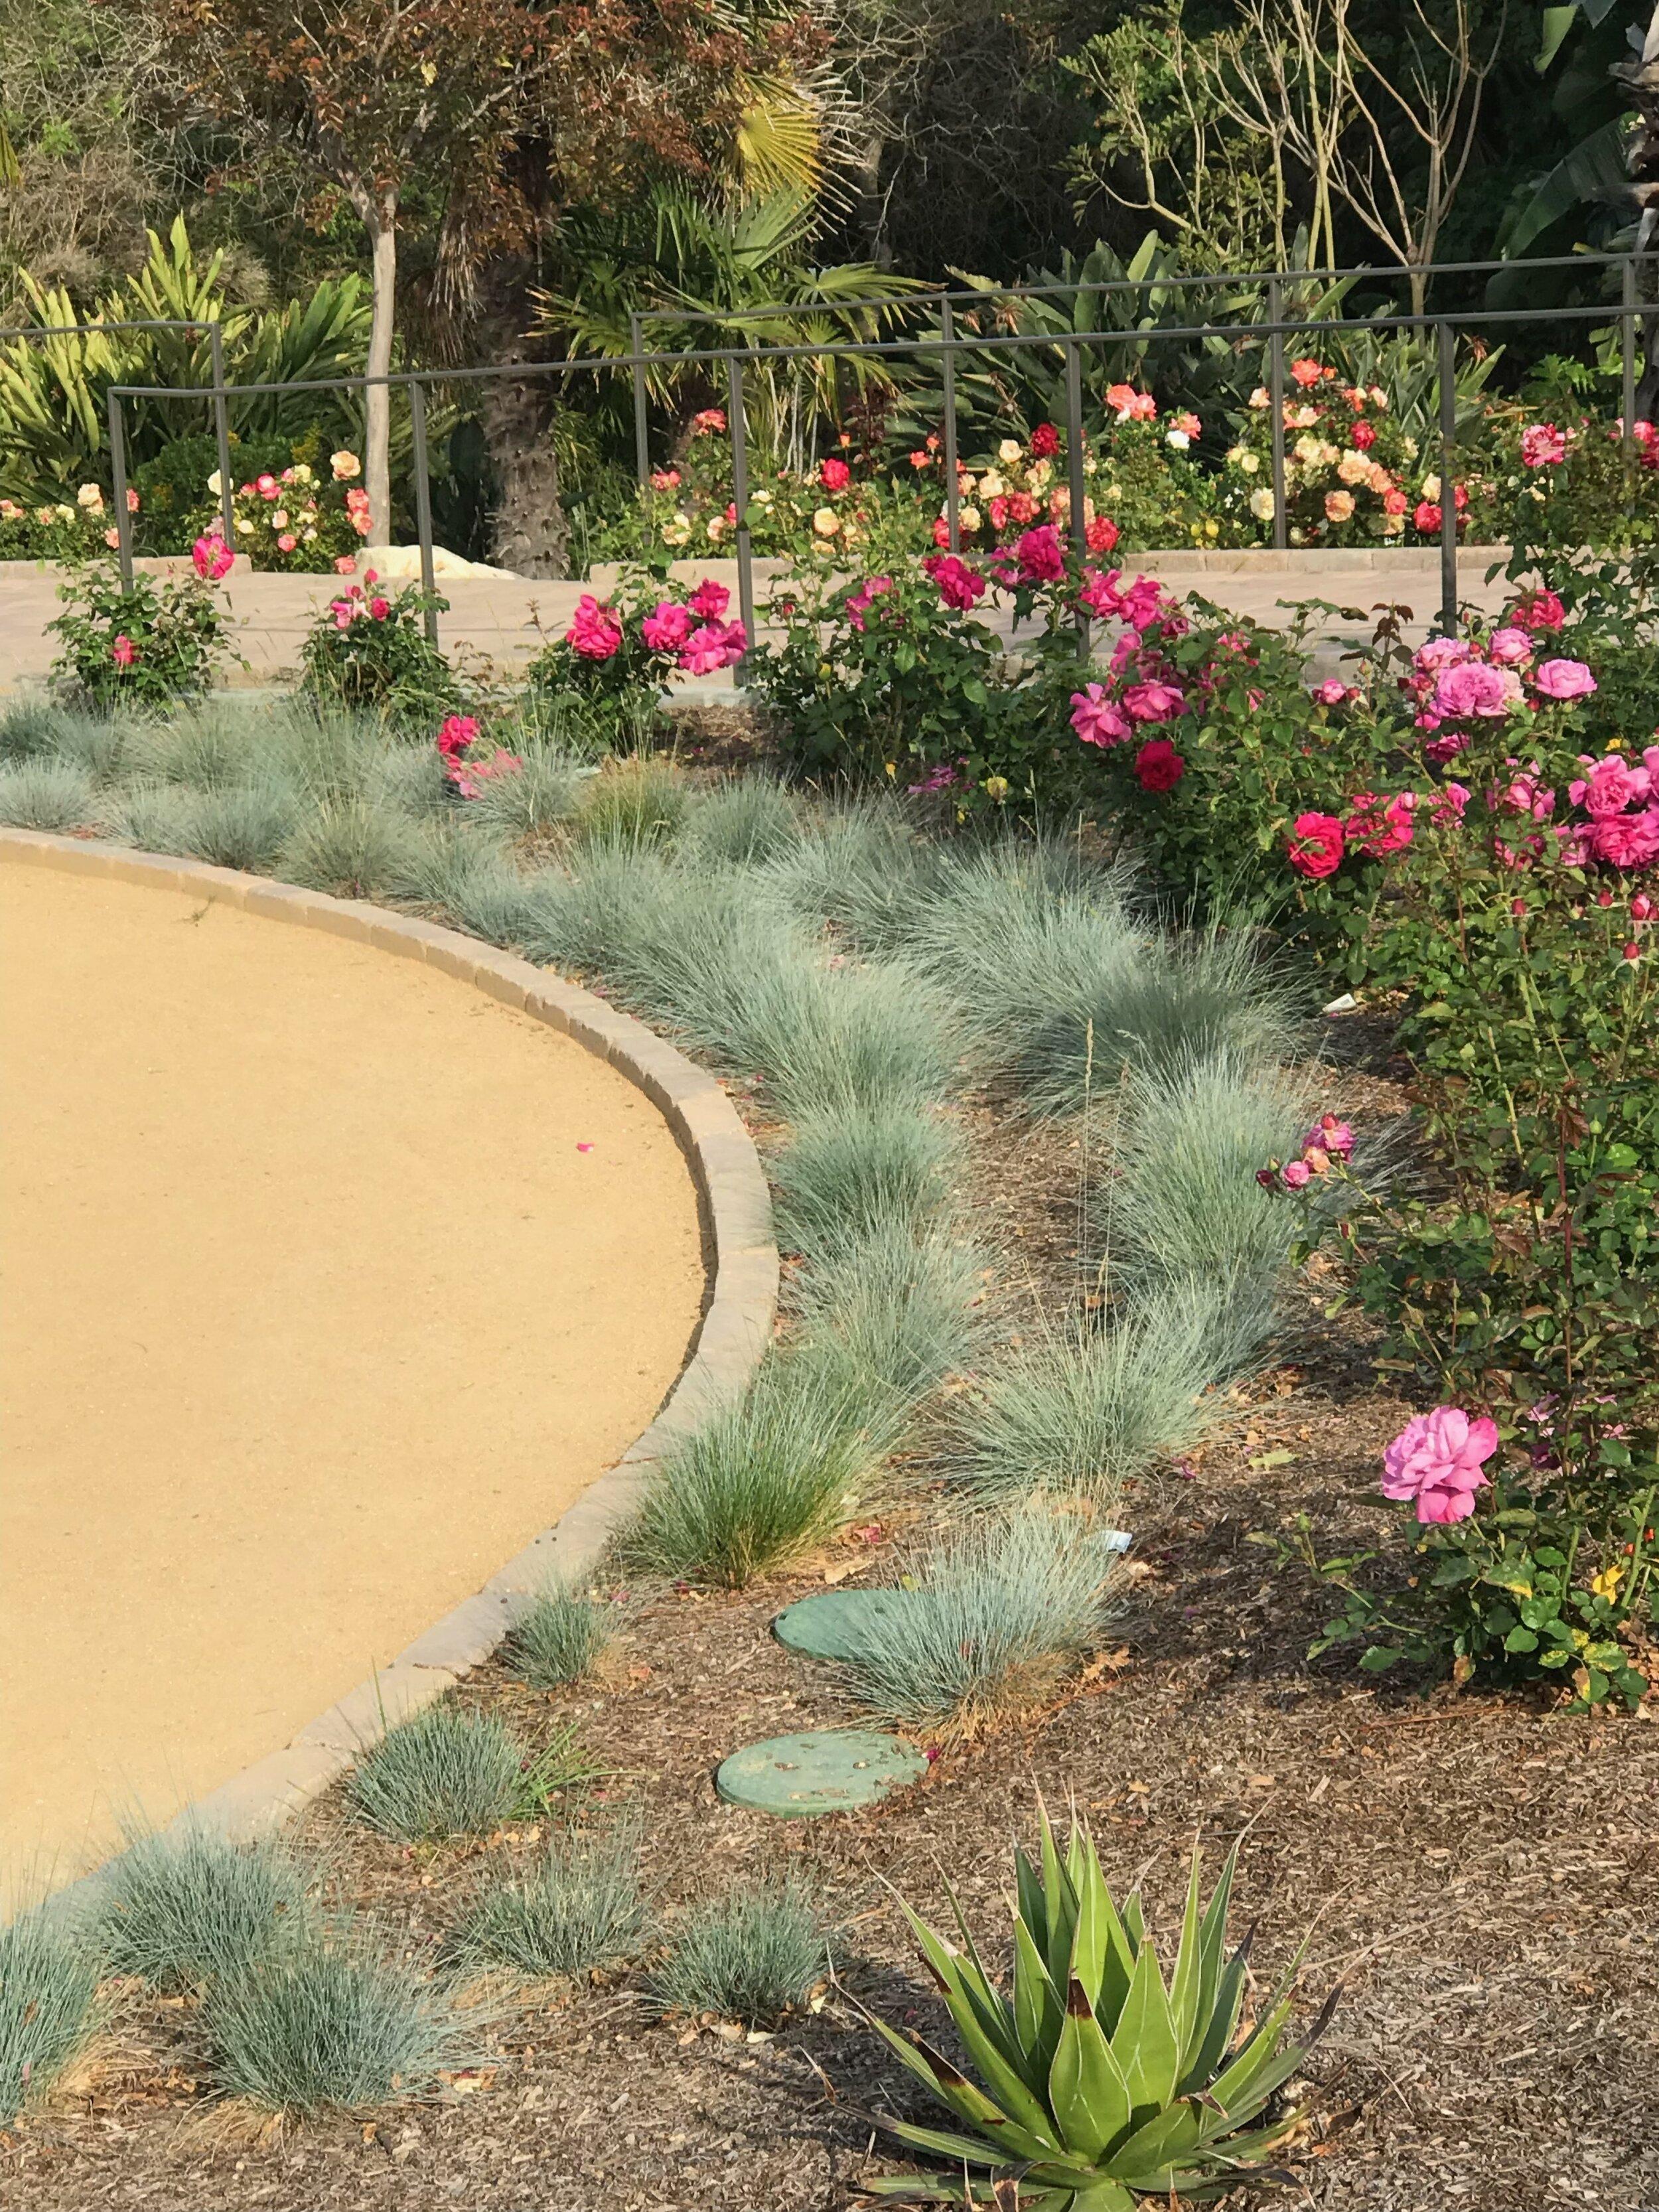 Rose garden at South Coast Botanic Garden, Palos Verdes Peninsula, where the wedding took place